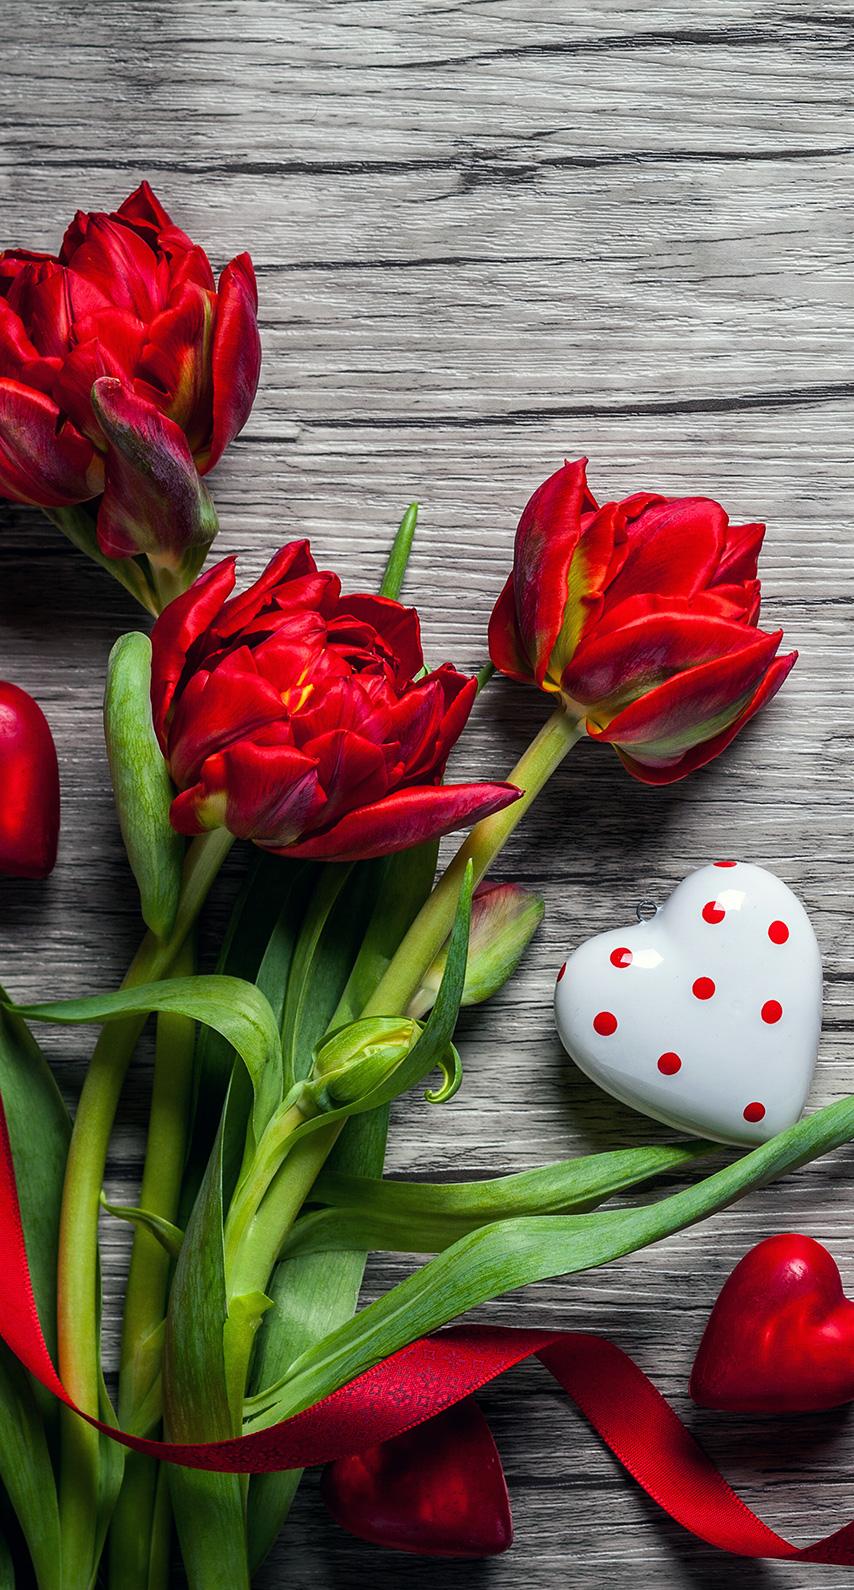 bouquet, decoration